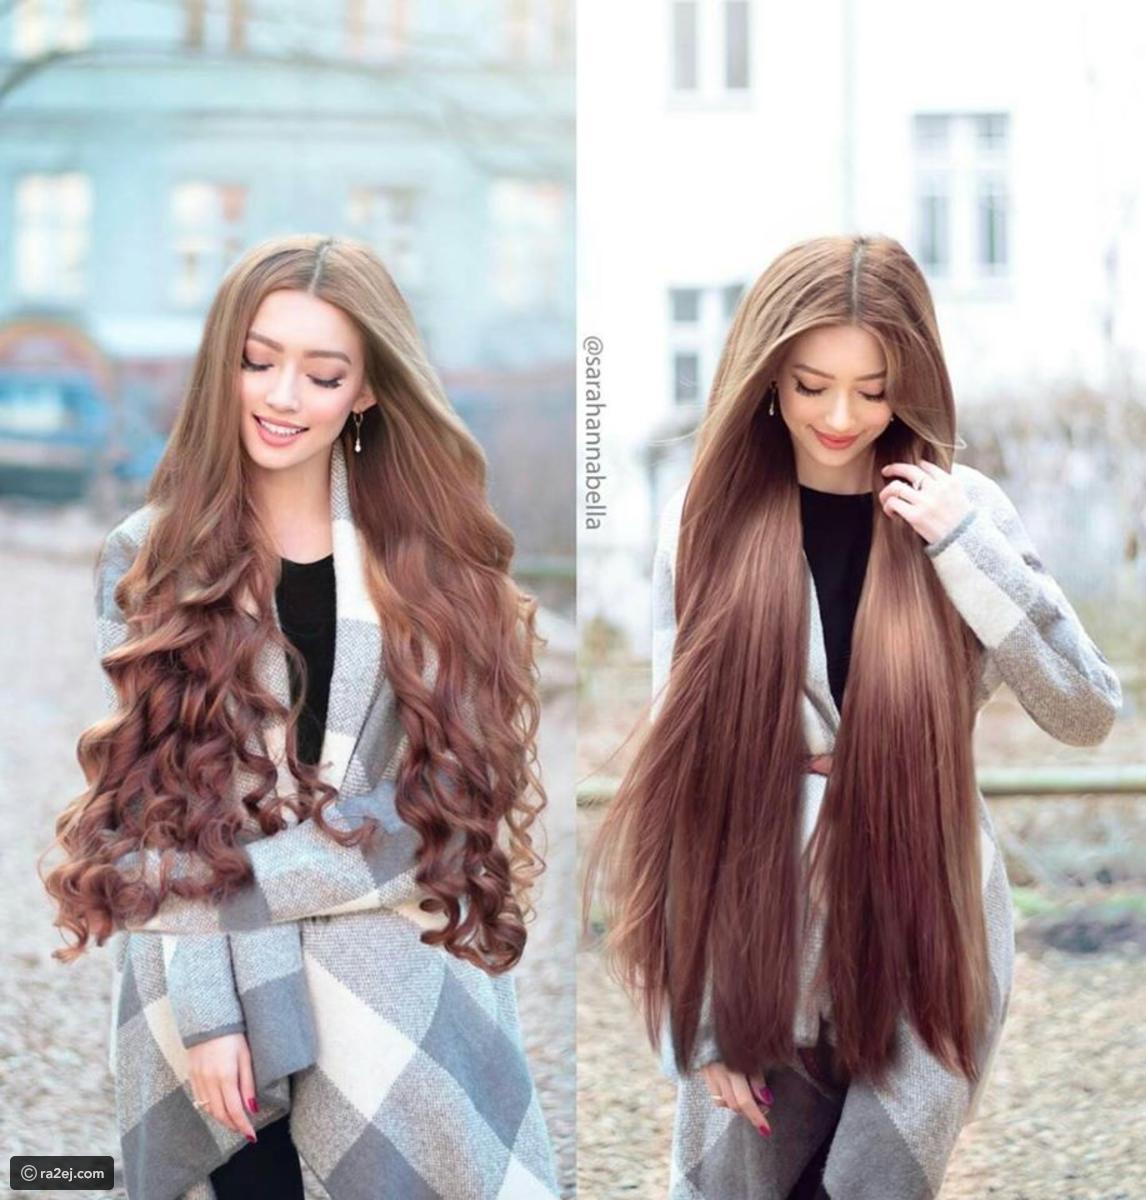 بالصور اطول شعر في العالم , شاهد اطول شعر في الدنيا 3512 10